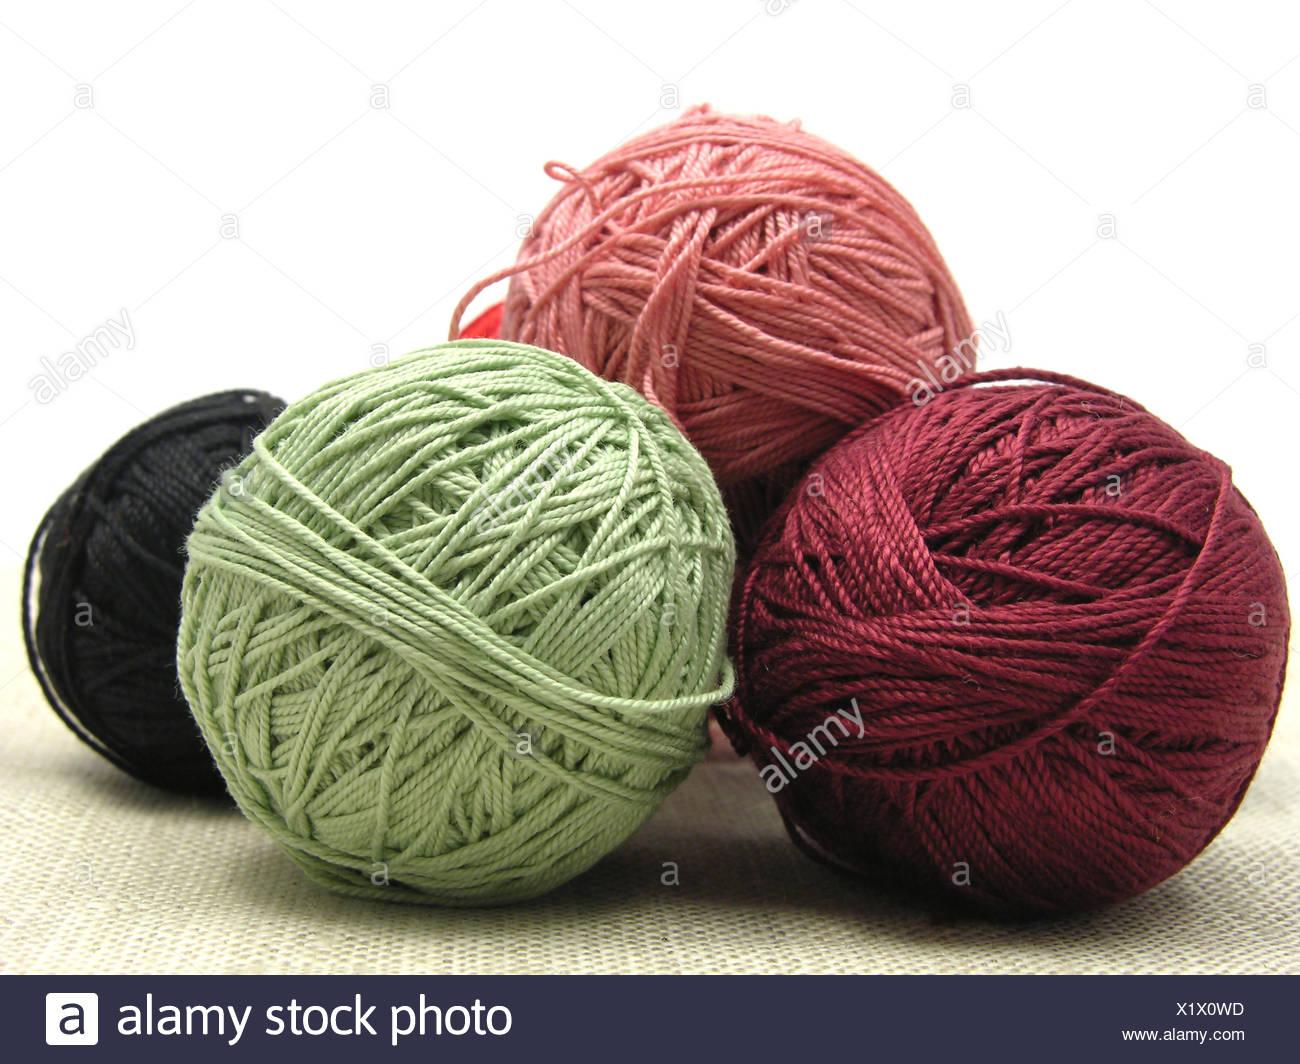 Wolle Stricken Handarbeit Knäuel Von Wolle Häkeln Blaue Farbe